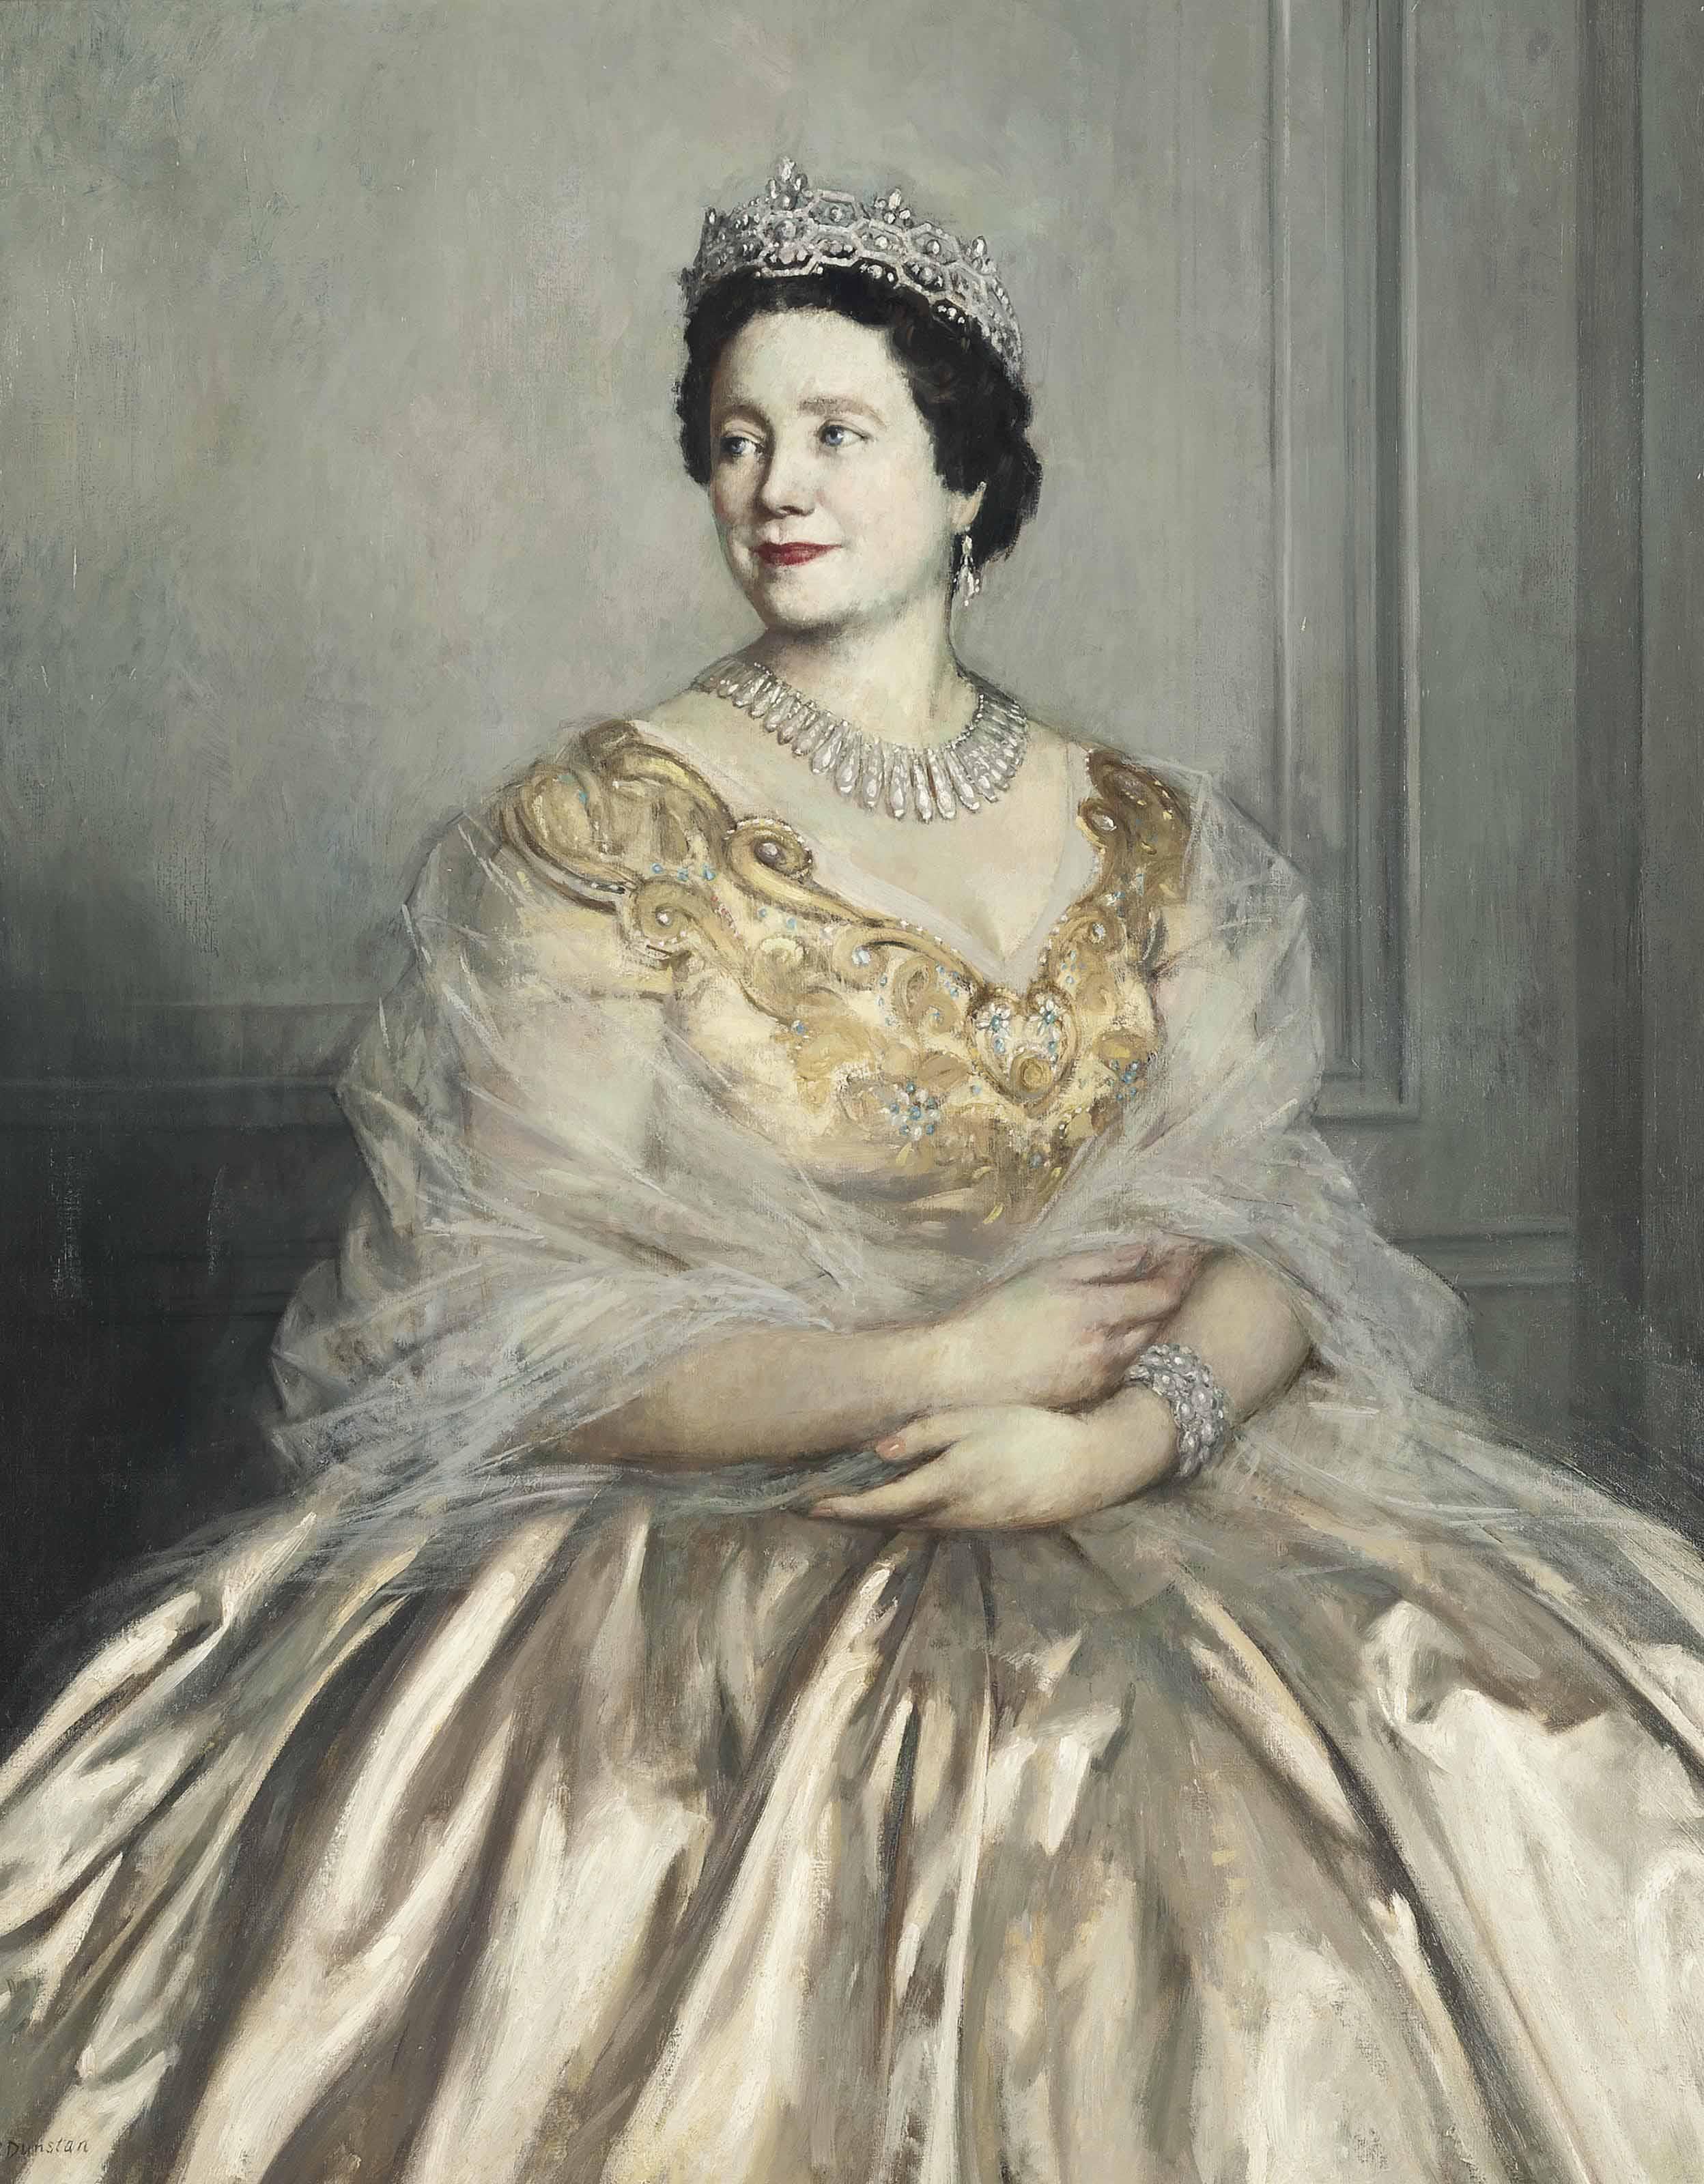 Portrait of Her Majesty Queen Elizabeth, The Queen Mother